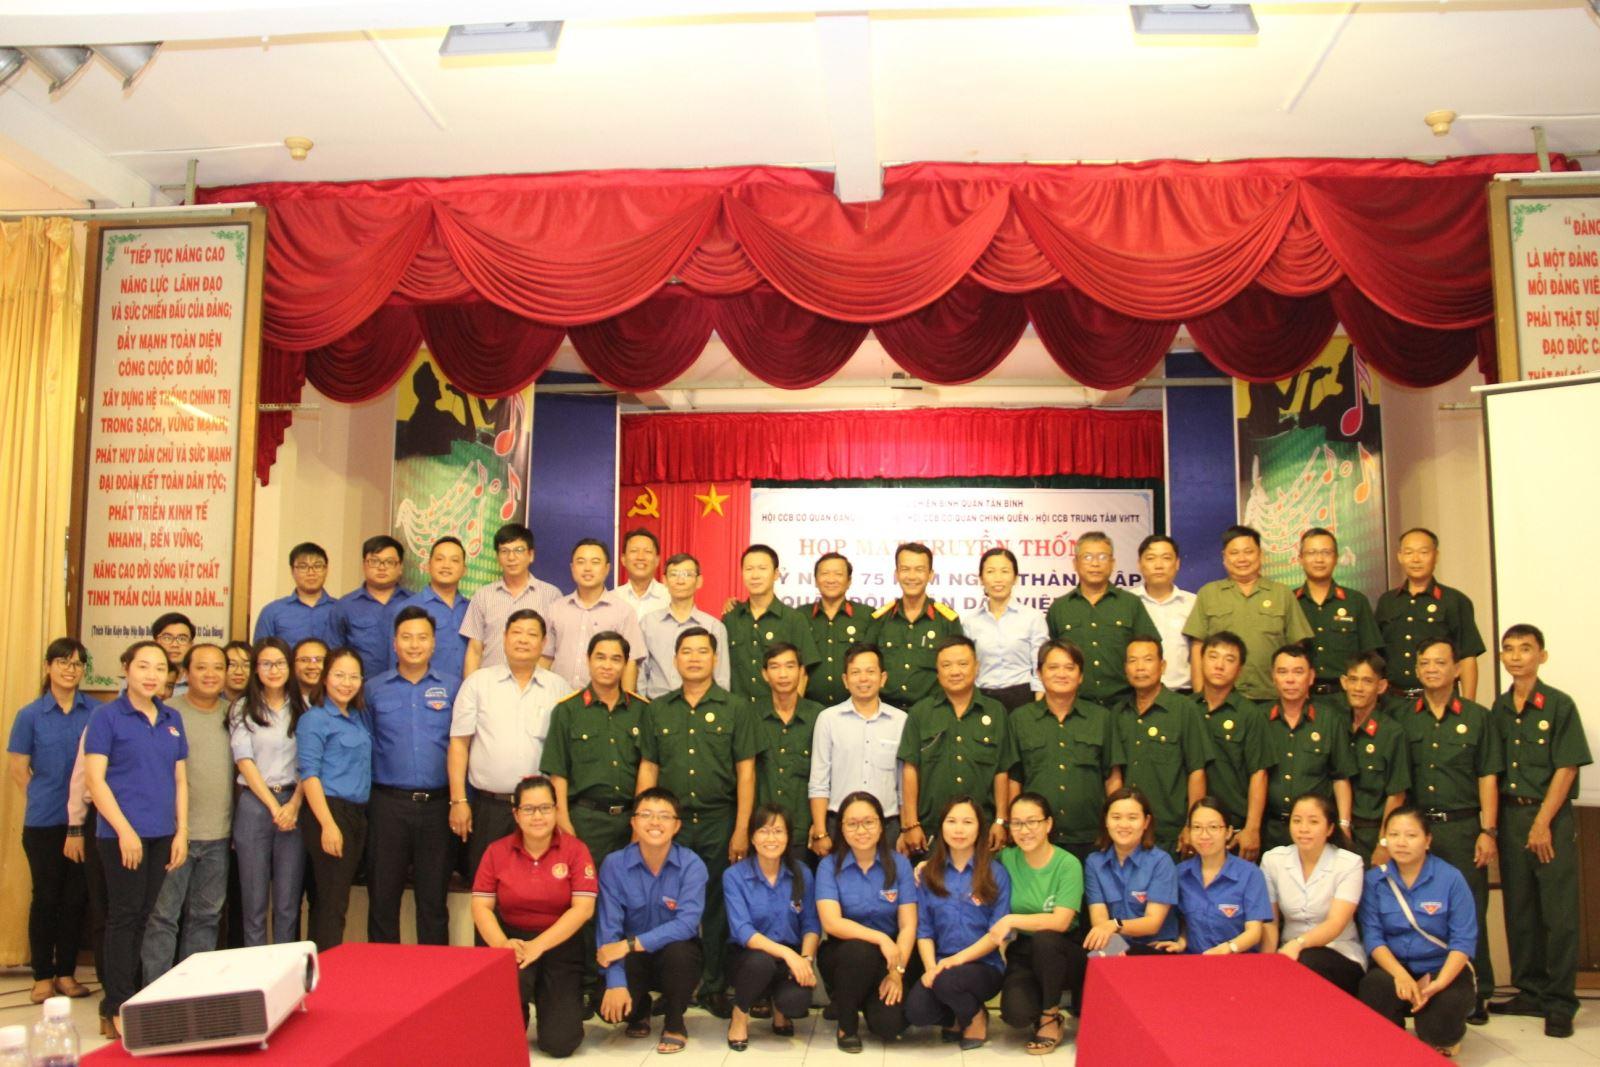 Tổ chức Họp mặt truyền thống kỷ niệm 75 năm Ngày thành lập Quân đội nhân dân Việt Nam